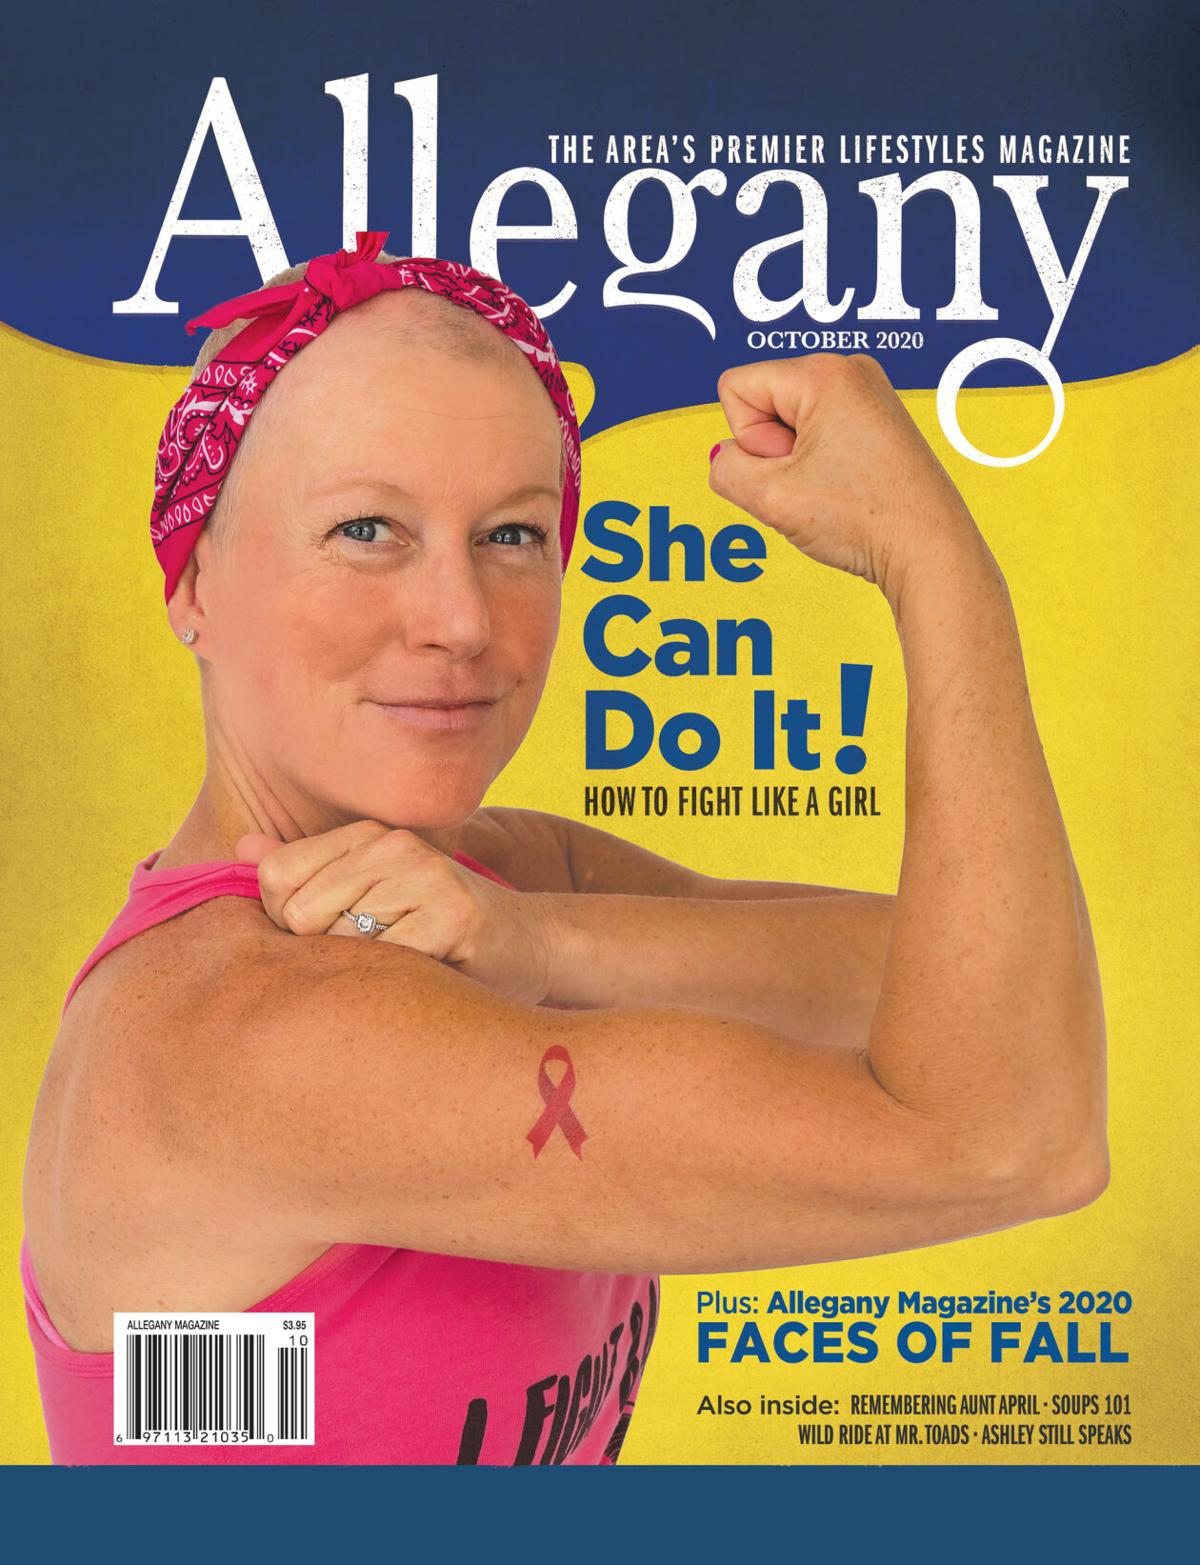 cover-OCT2020_FINAL_web.jpg